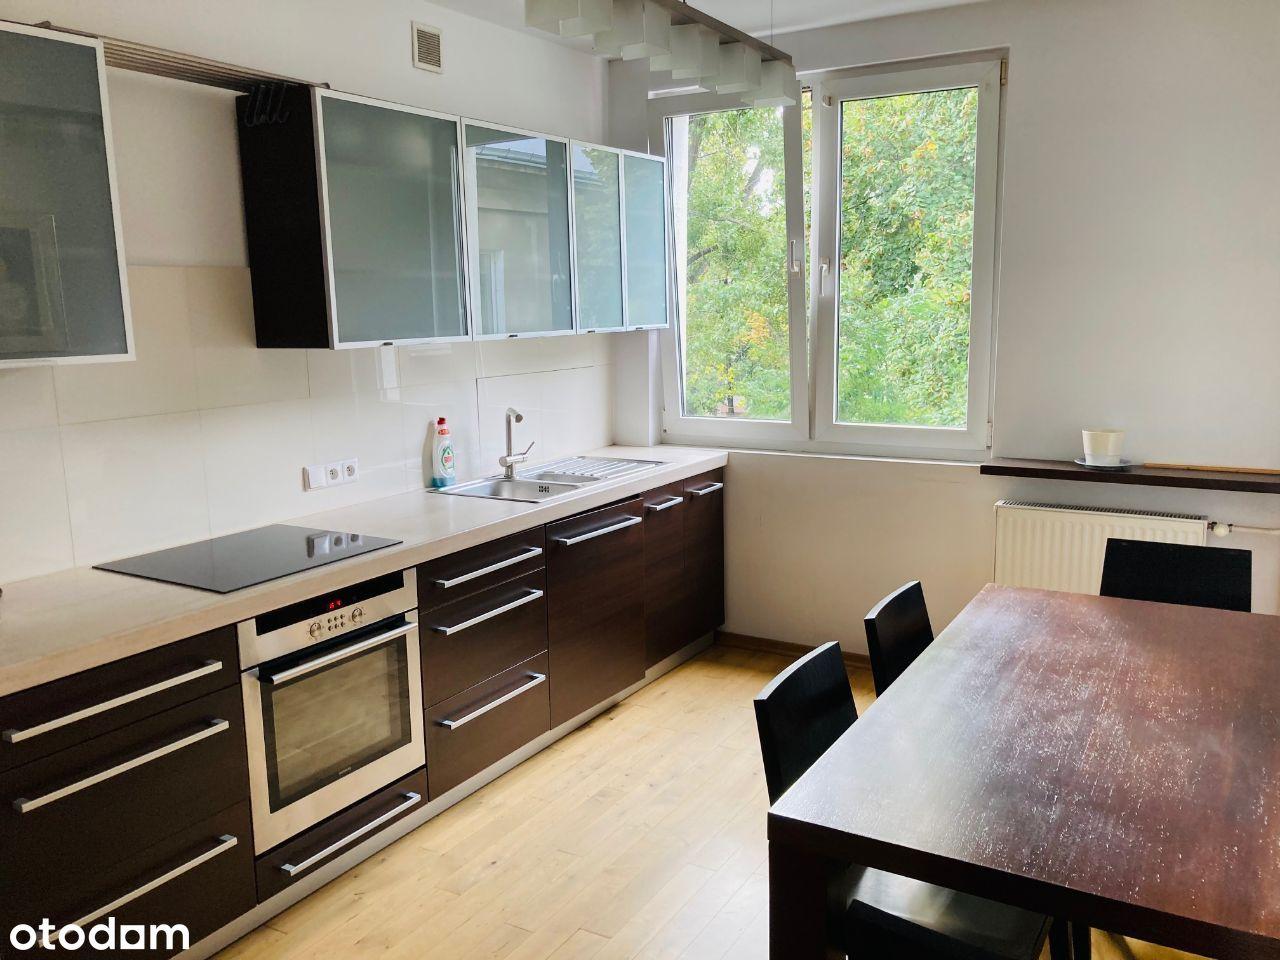 doskonałe mieszkanie 52 m2 - górny mokotów